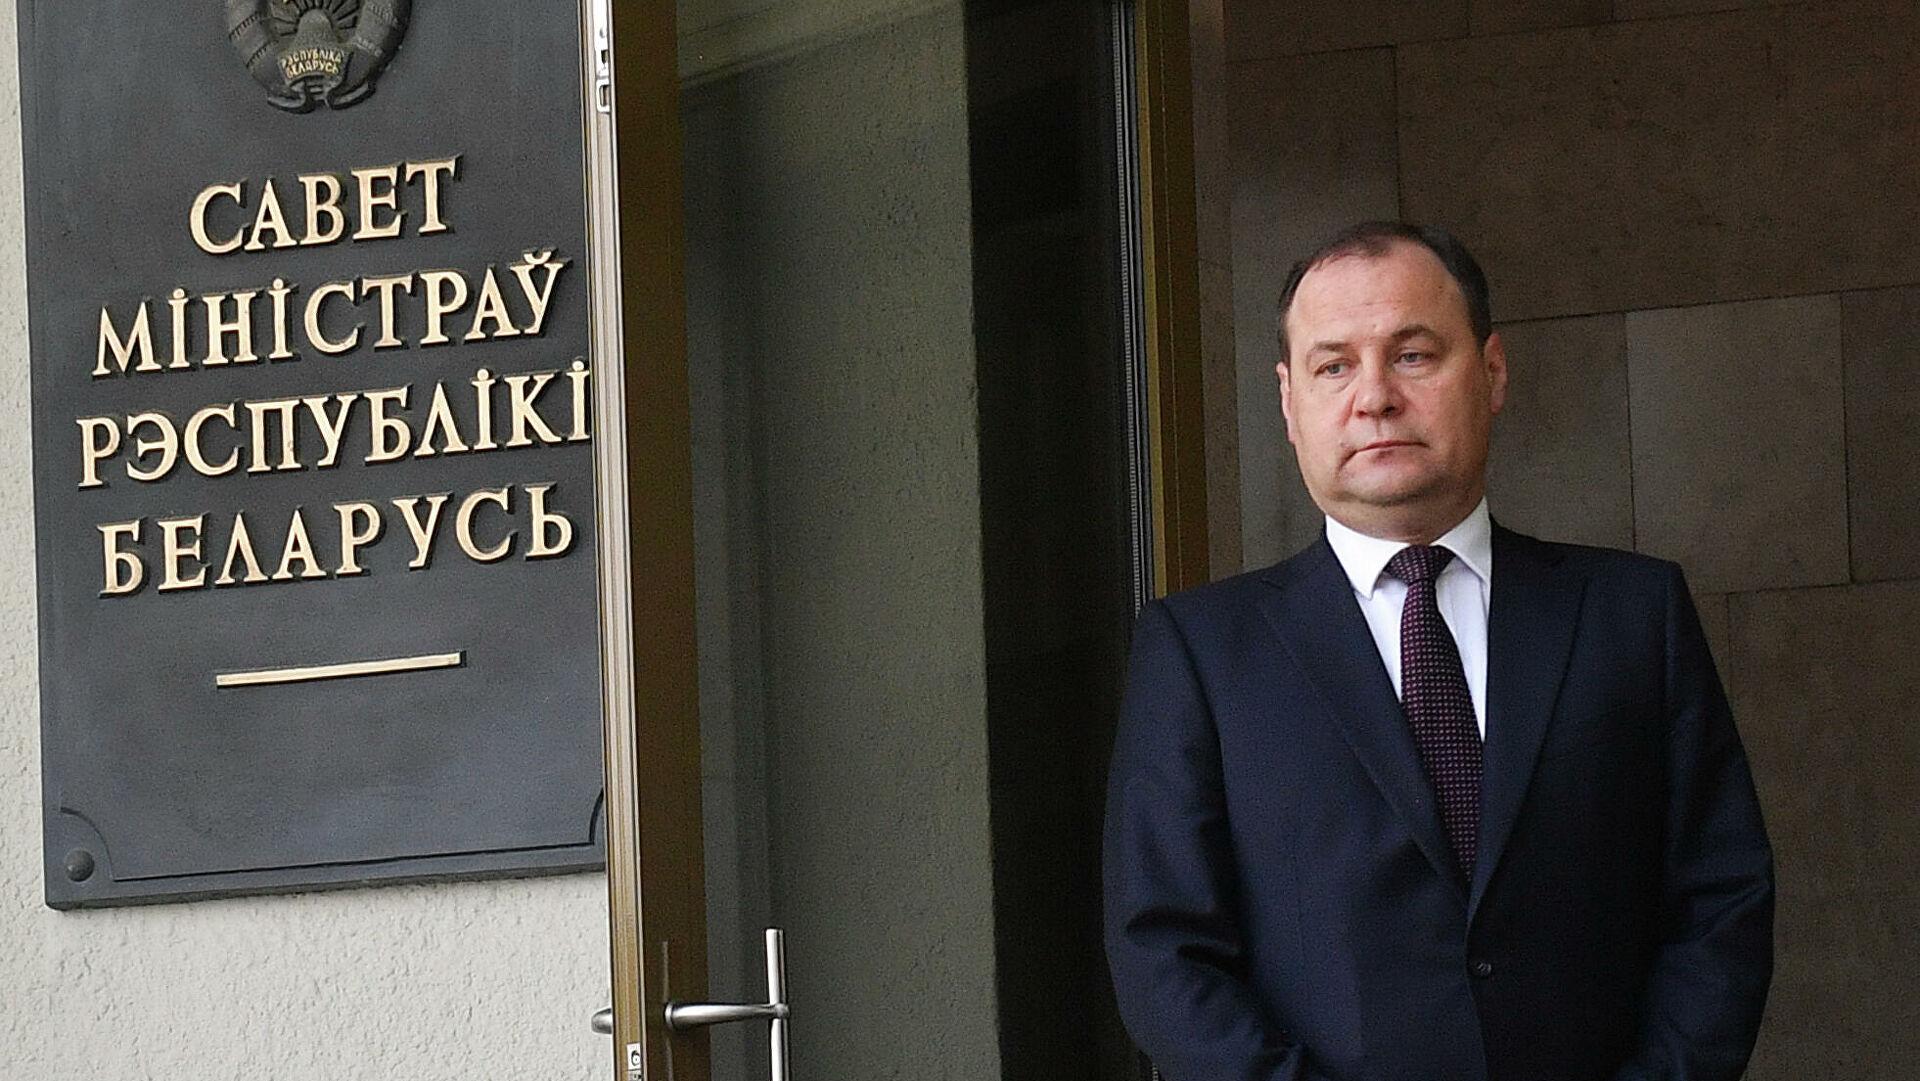 Премьер Белоруссии обвинил ЕС в лицемерии в ситуации с Протасевичем